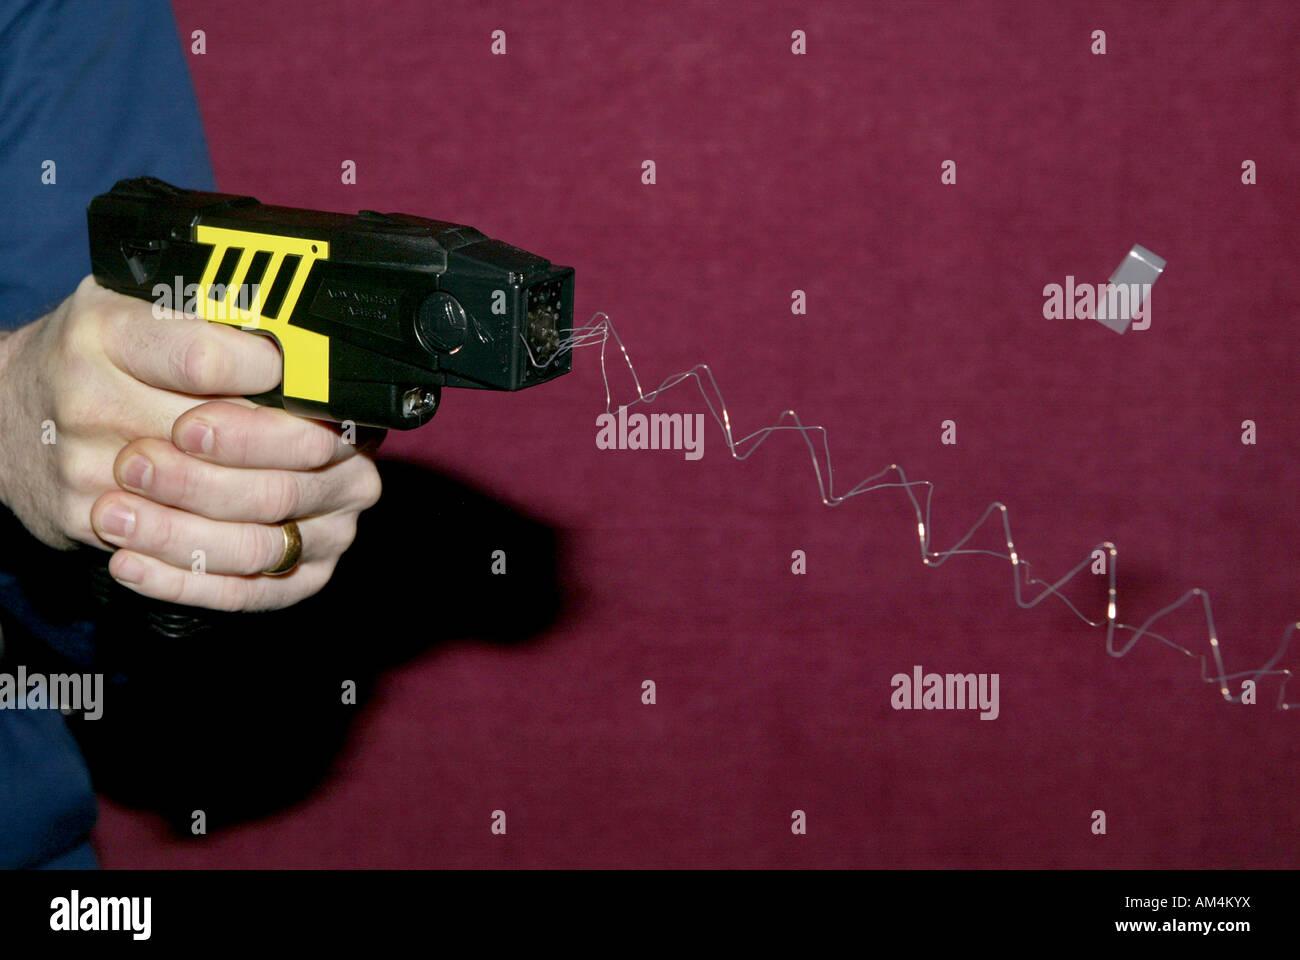 Schema Elettrico Taser : Amazon taser elettrico